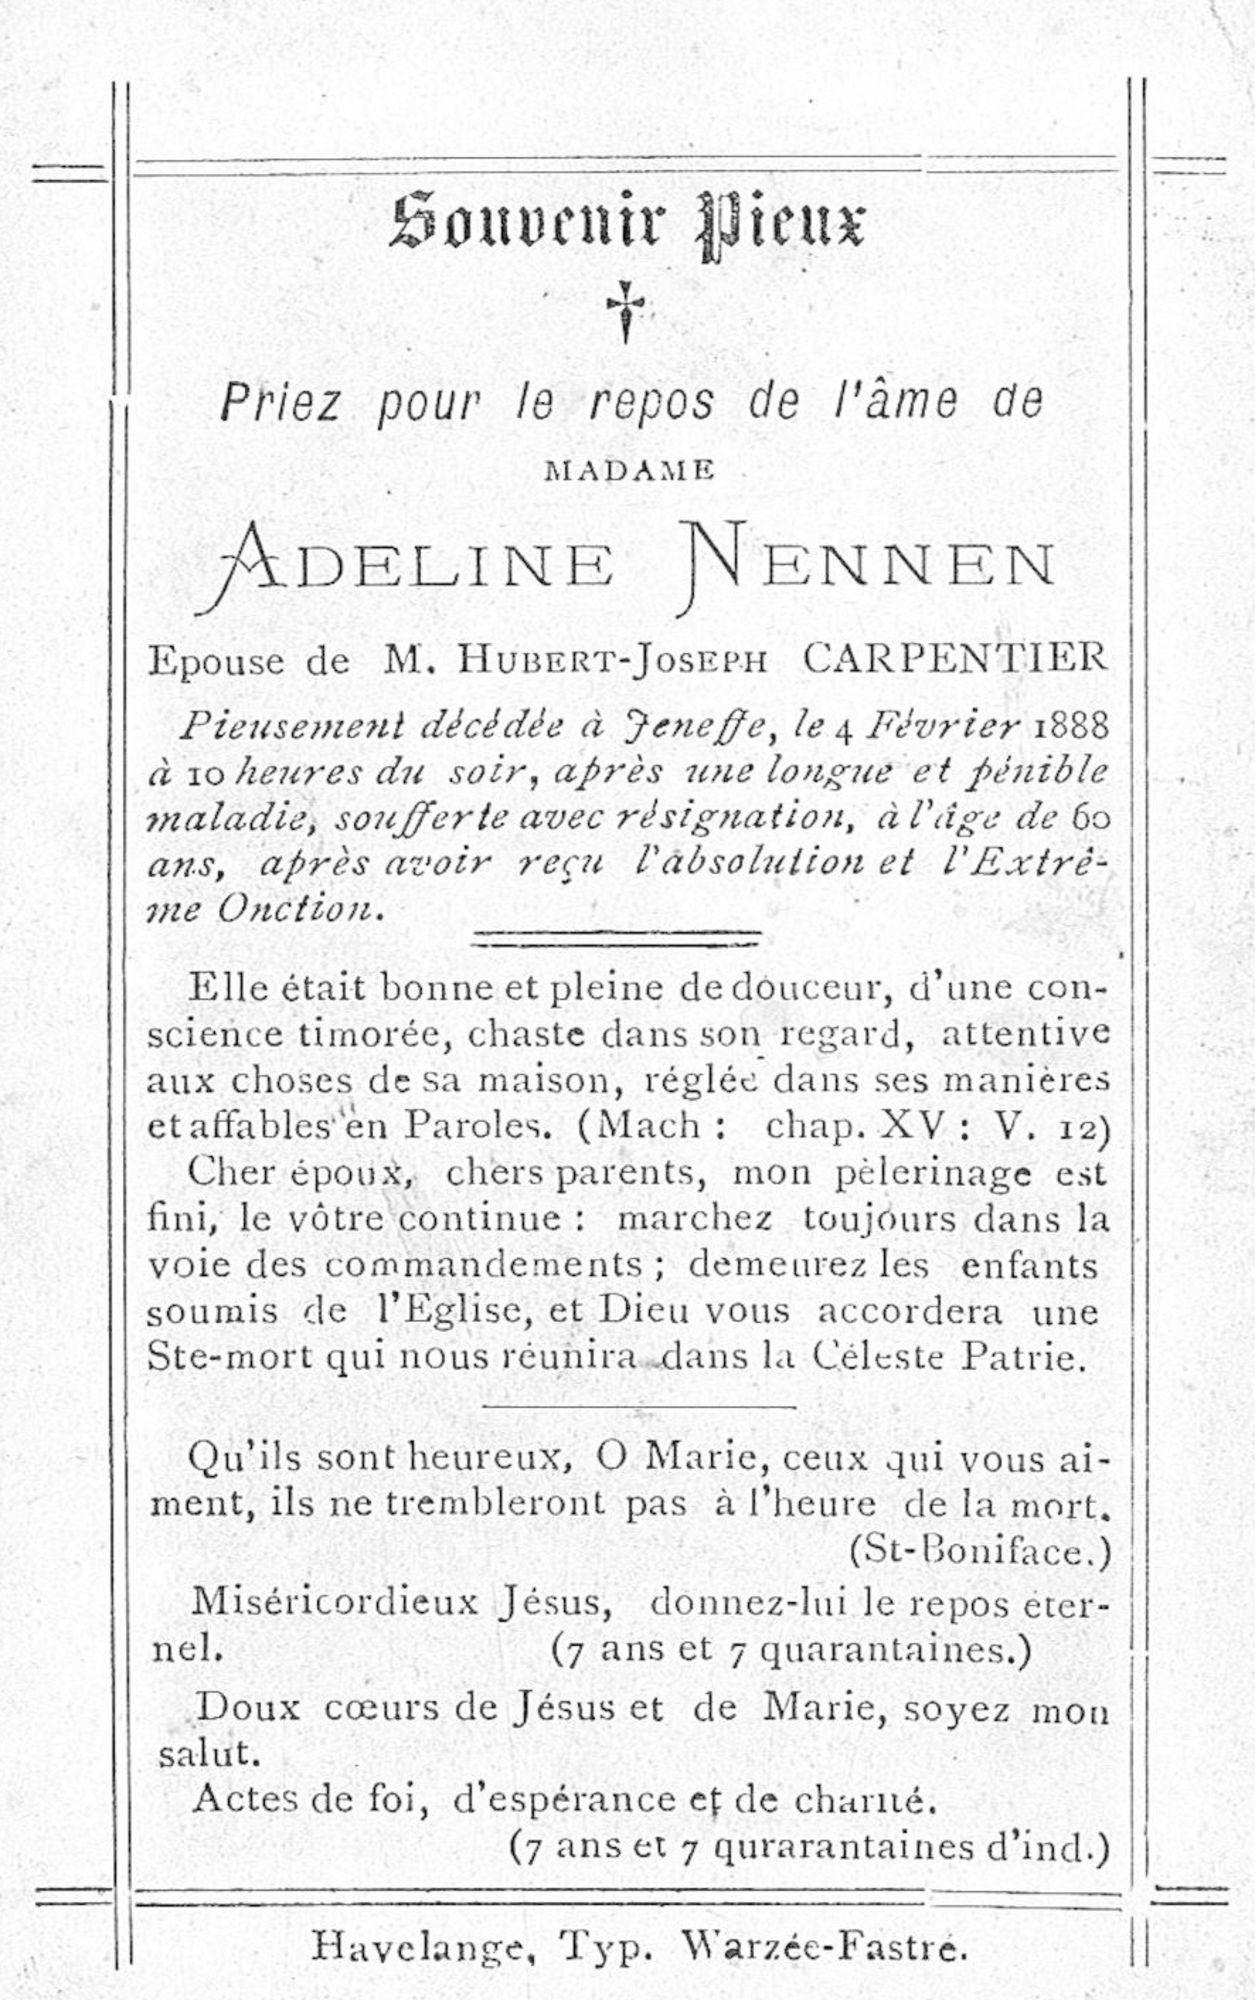 Adeline Nennen